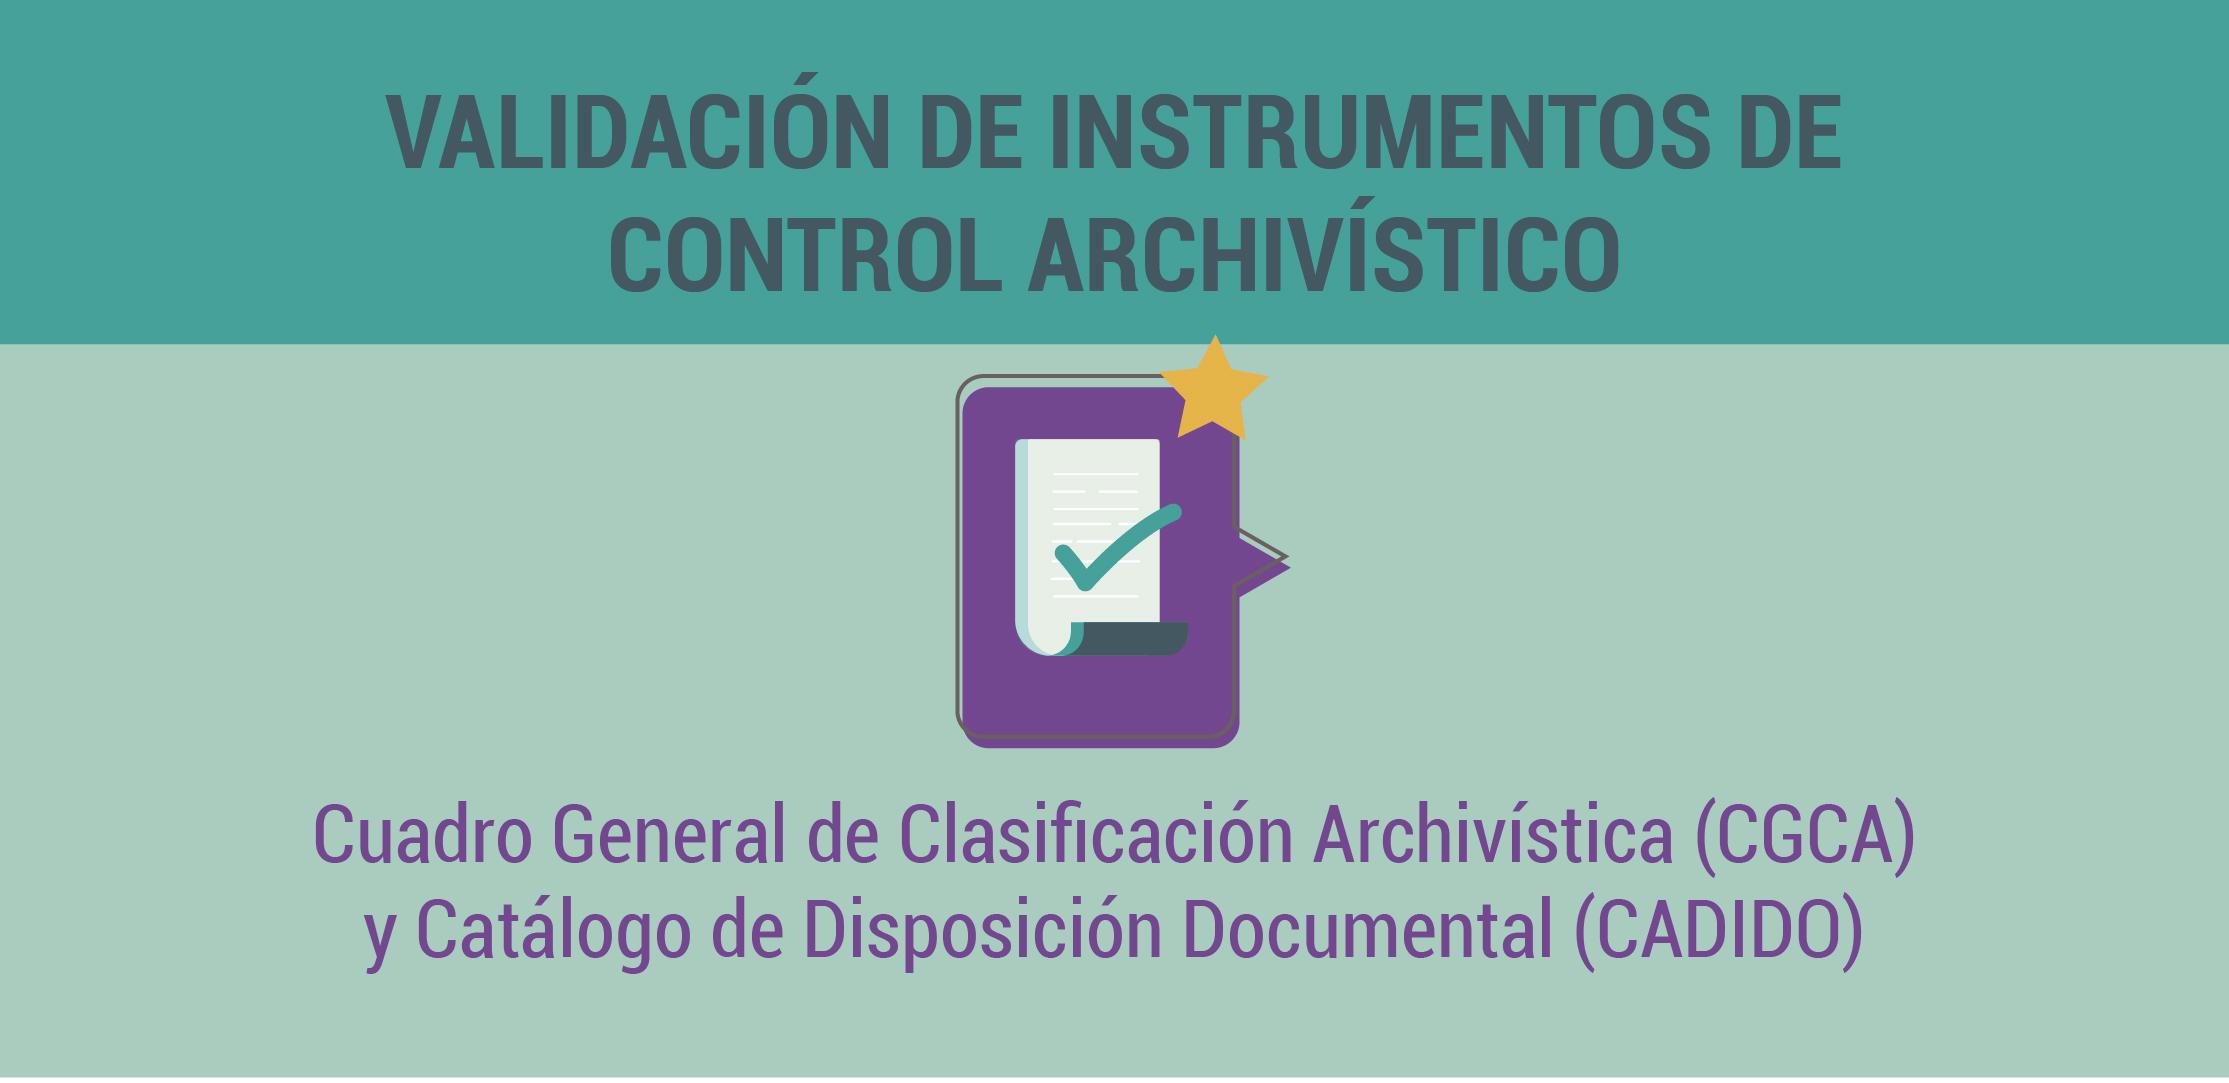 Proceso de validación de instrumentos de control archivístico